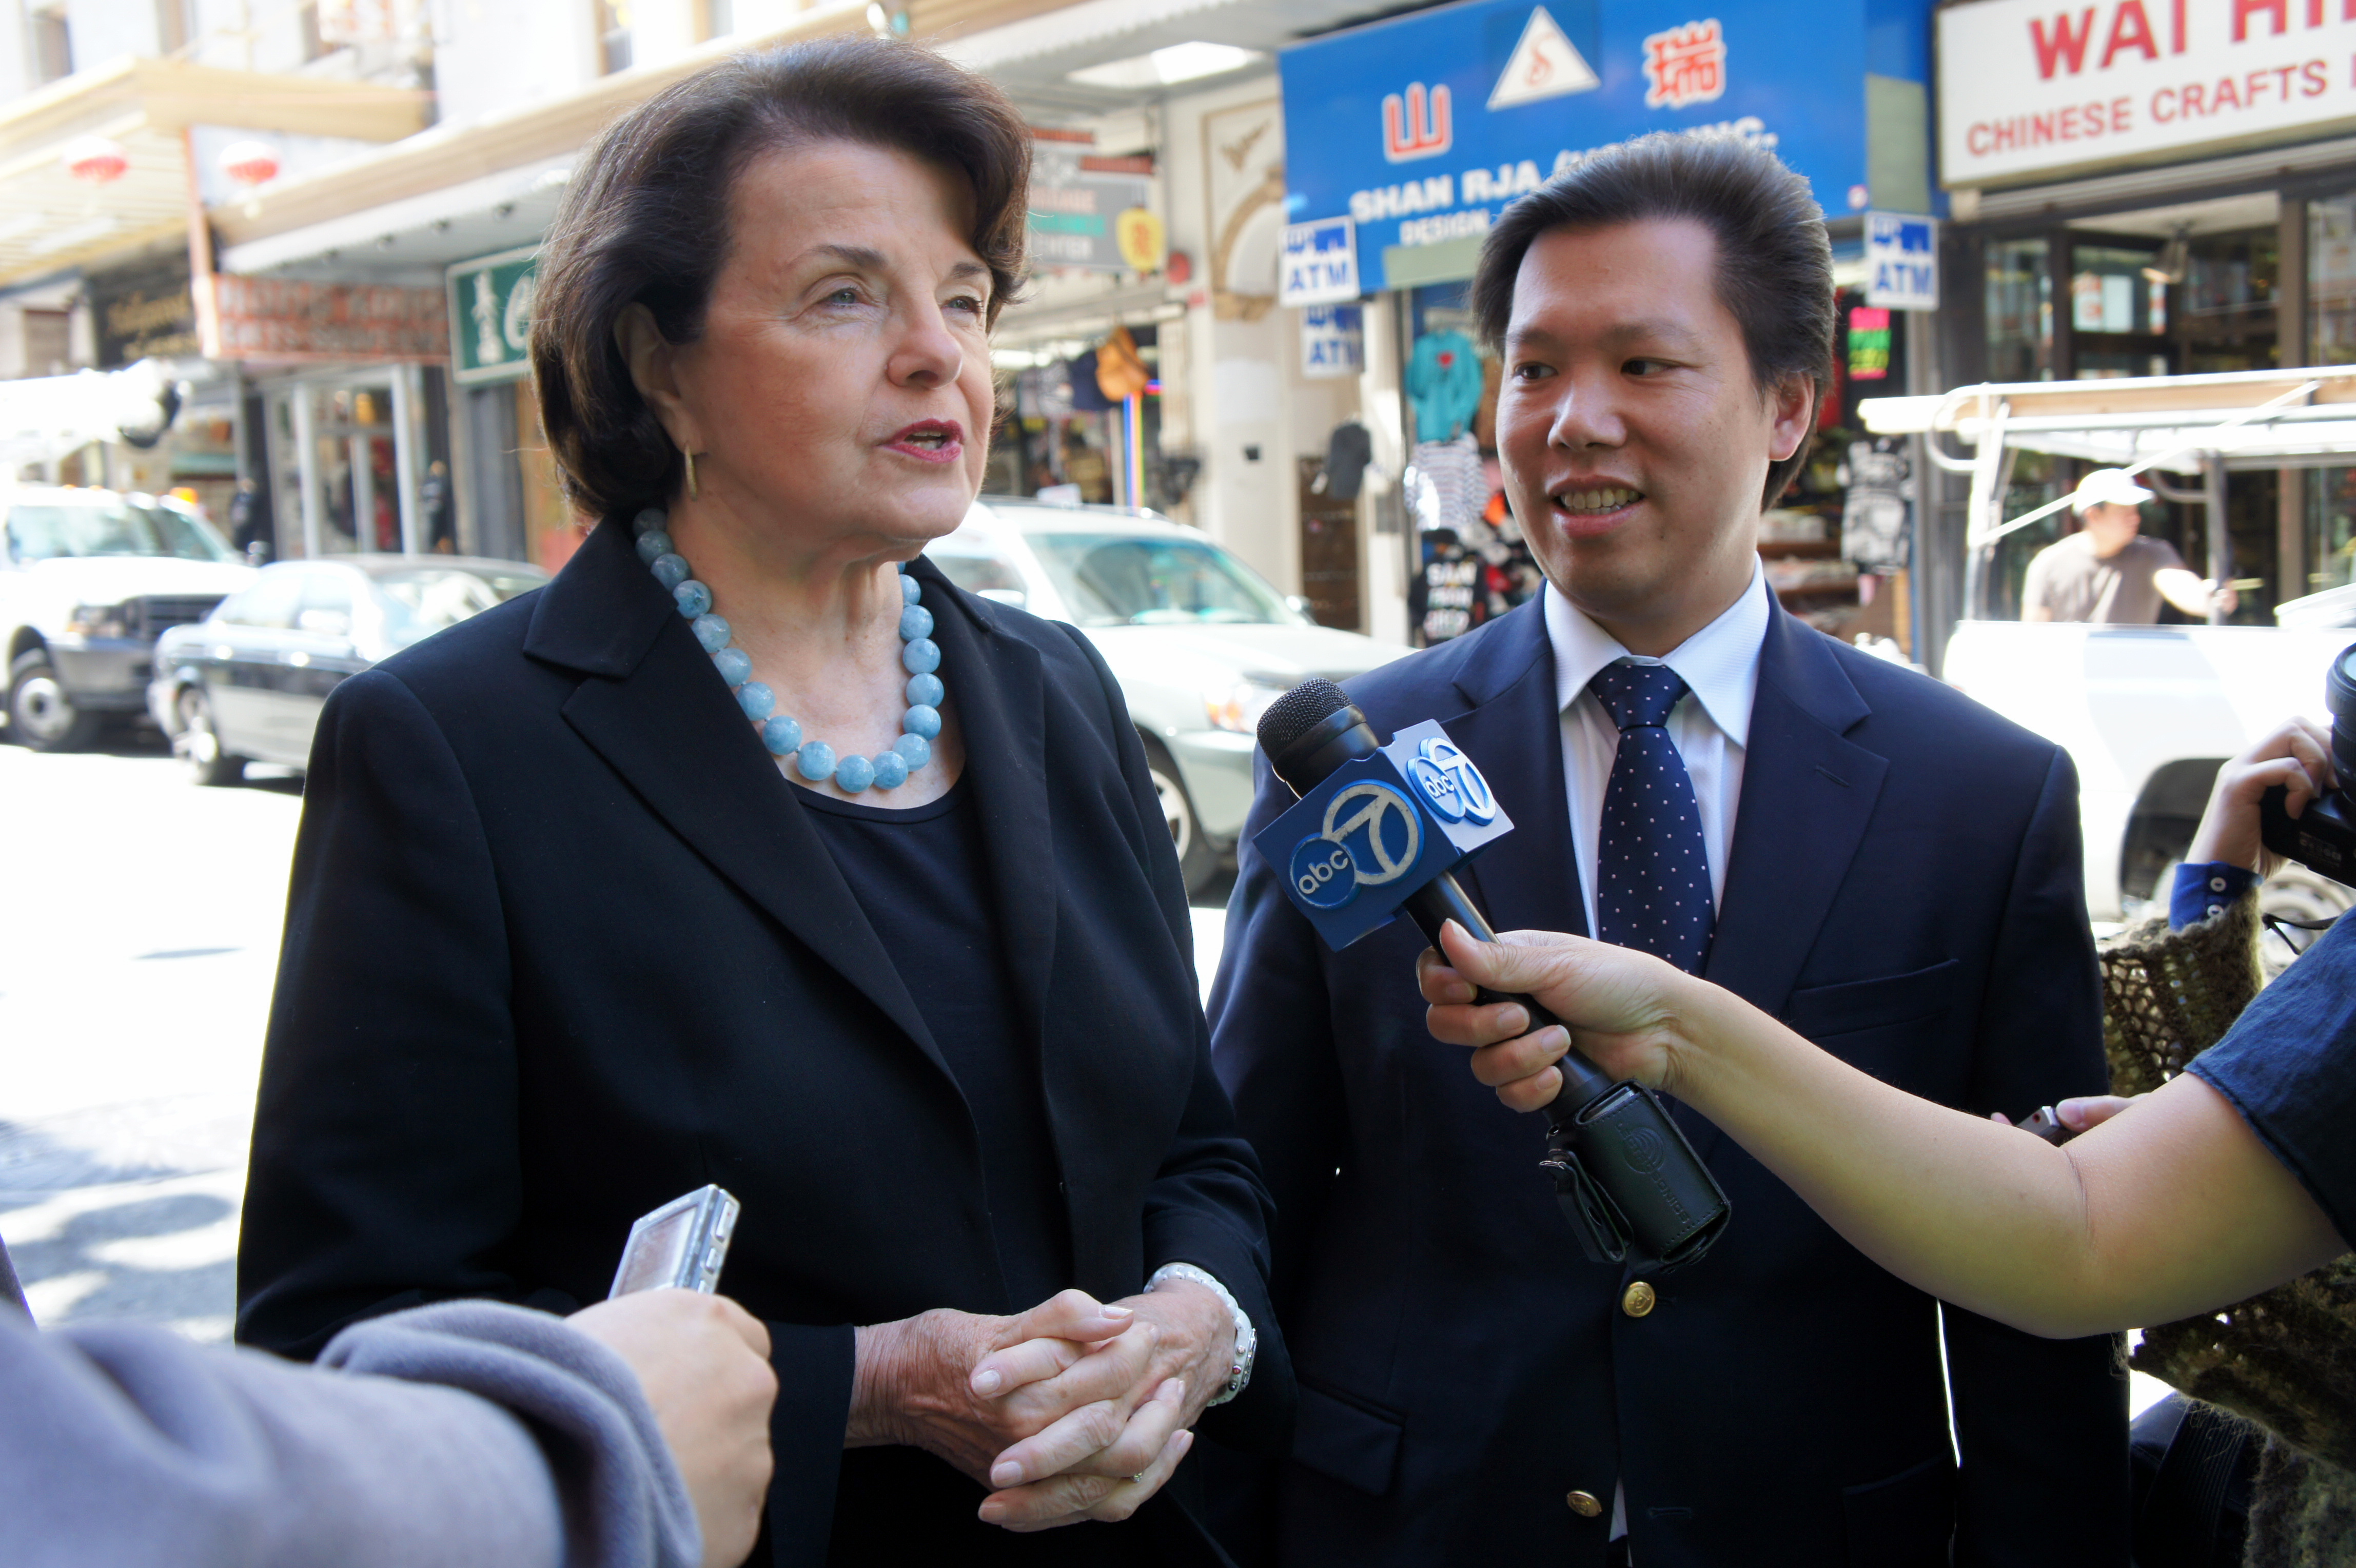 Sen. Dianne Feinstein (D-CA), left, has emerged as a leading skeptic of the AV START Act.